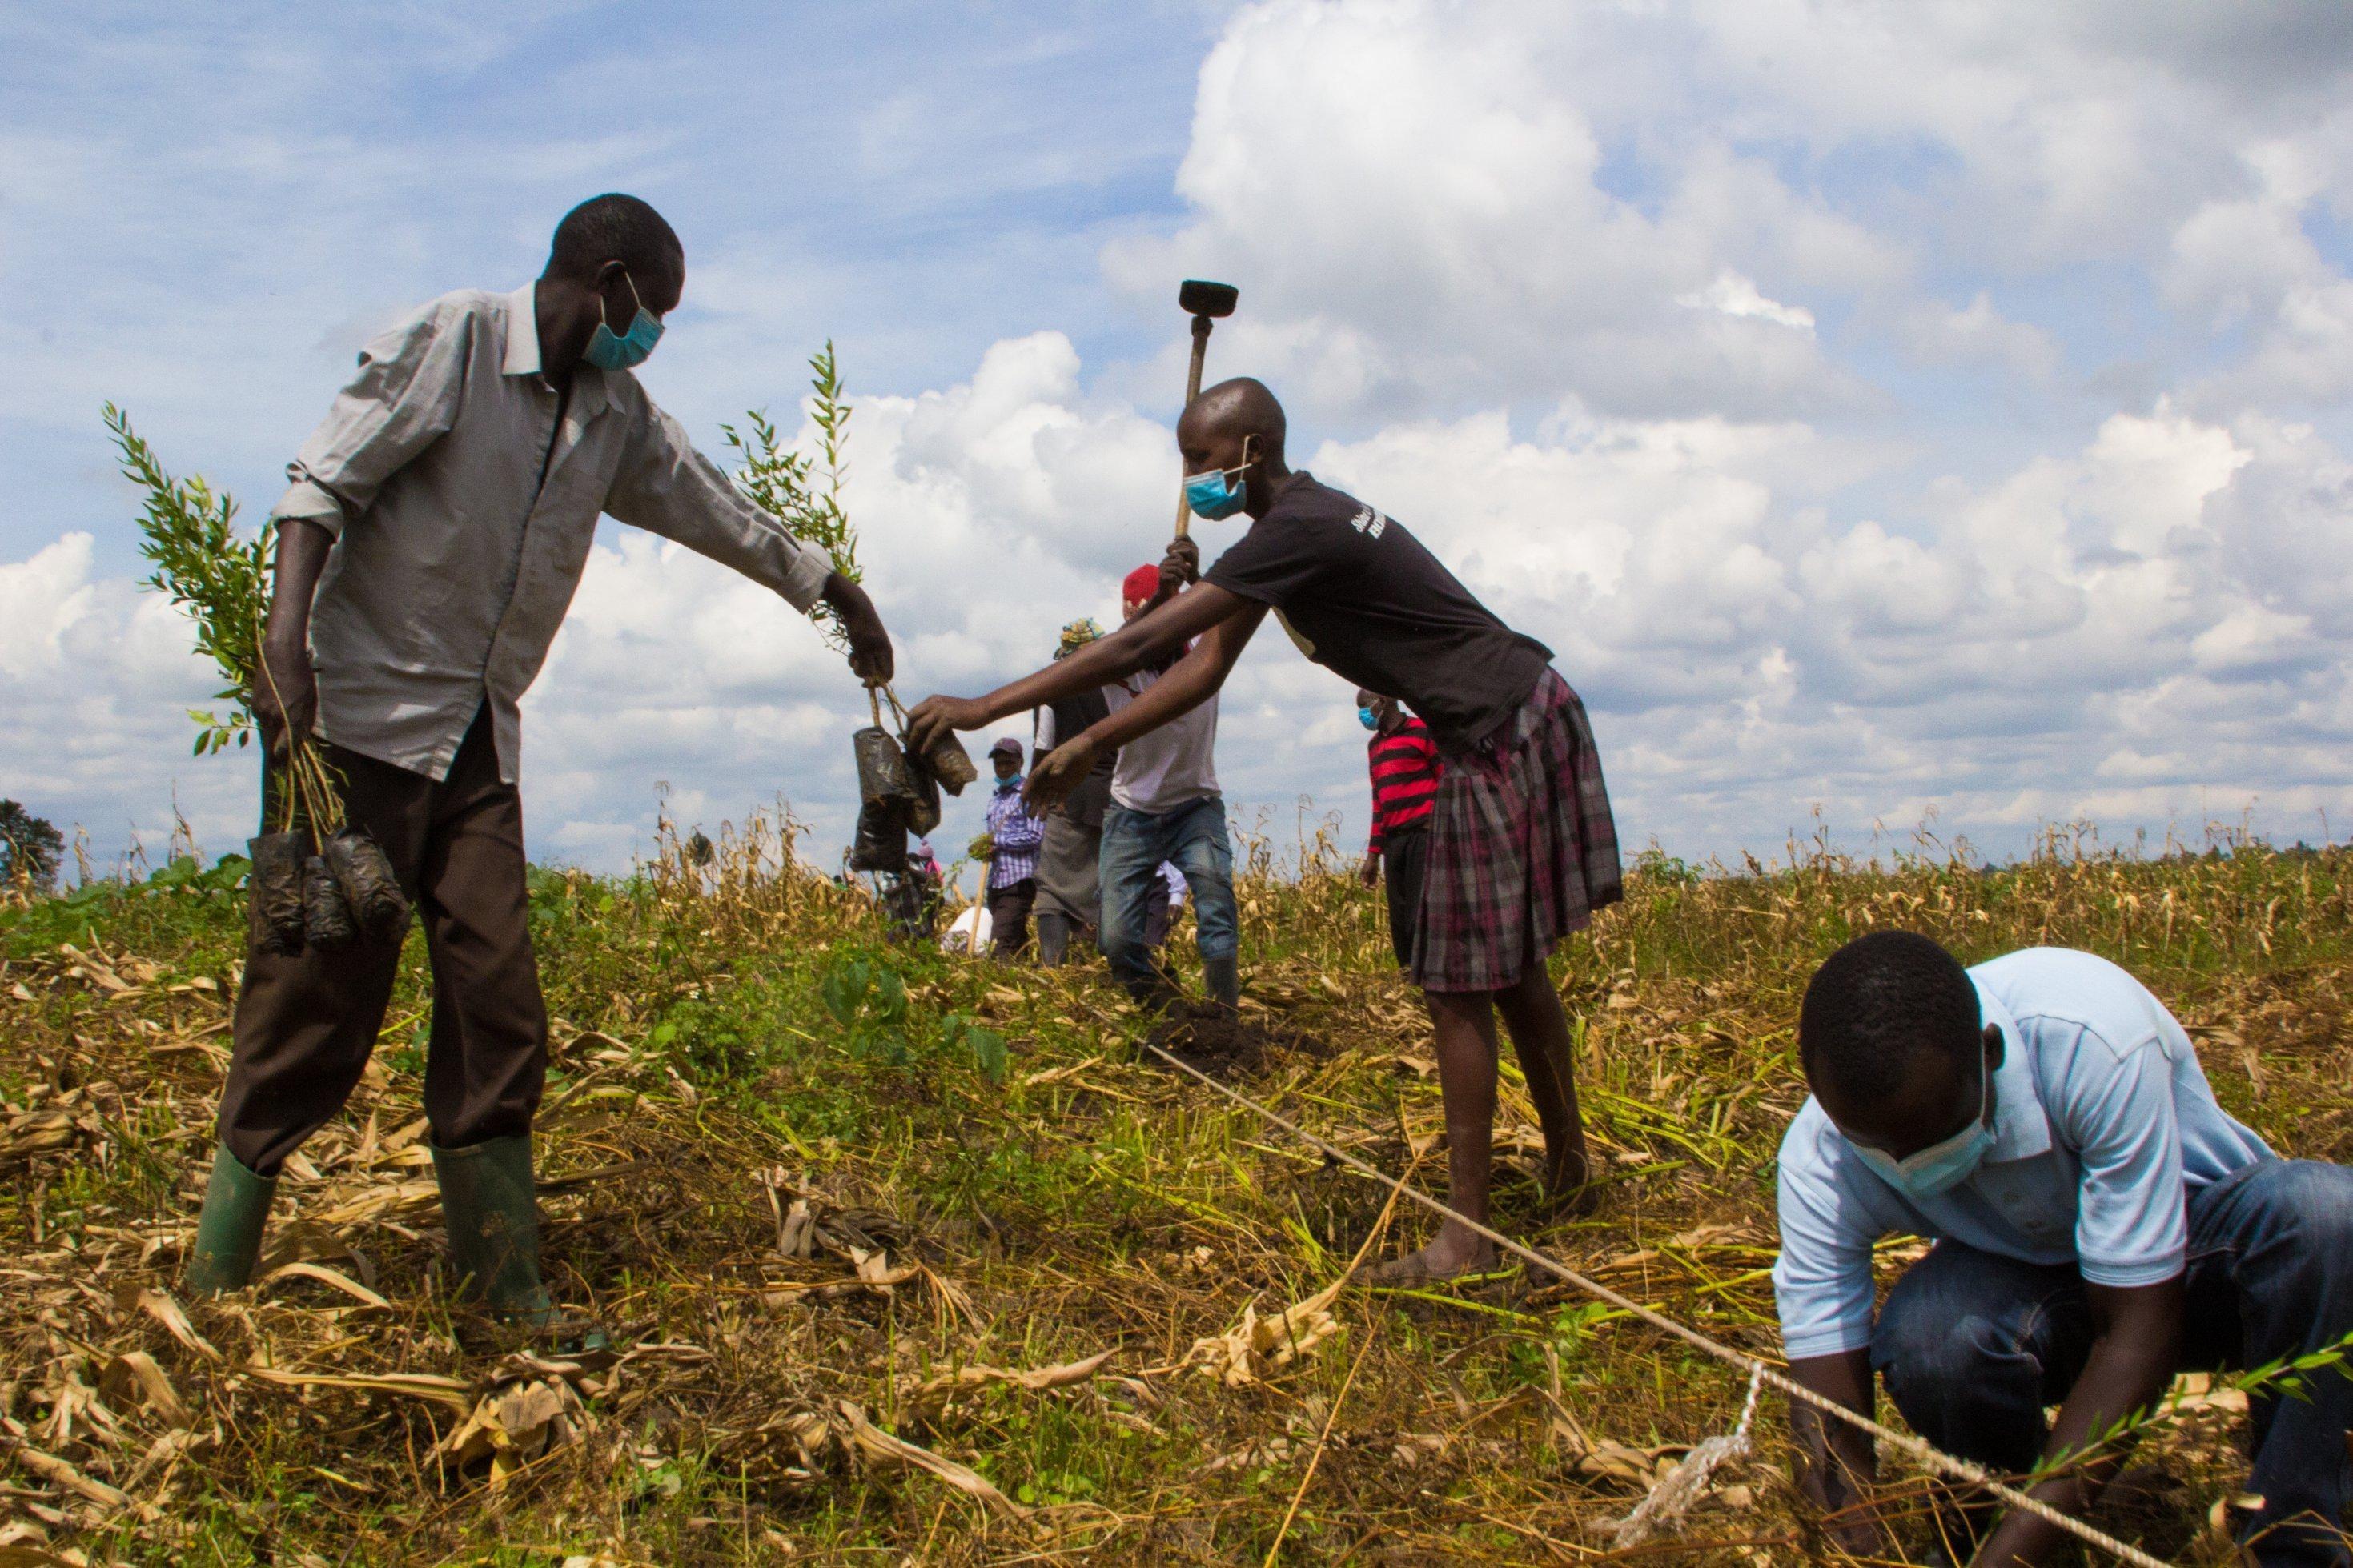 Entlang eines Seils pflanzen Männer und Frauen die Setzlinge in ein abgeerntetes Maisfeld.